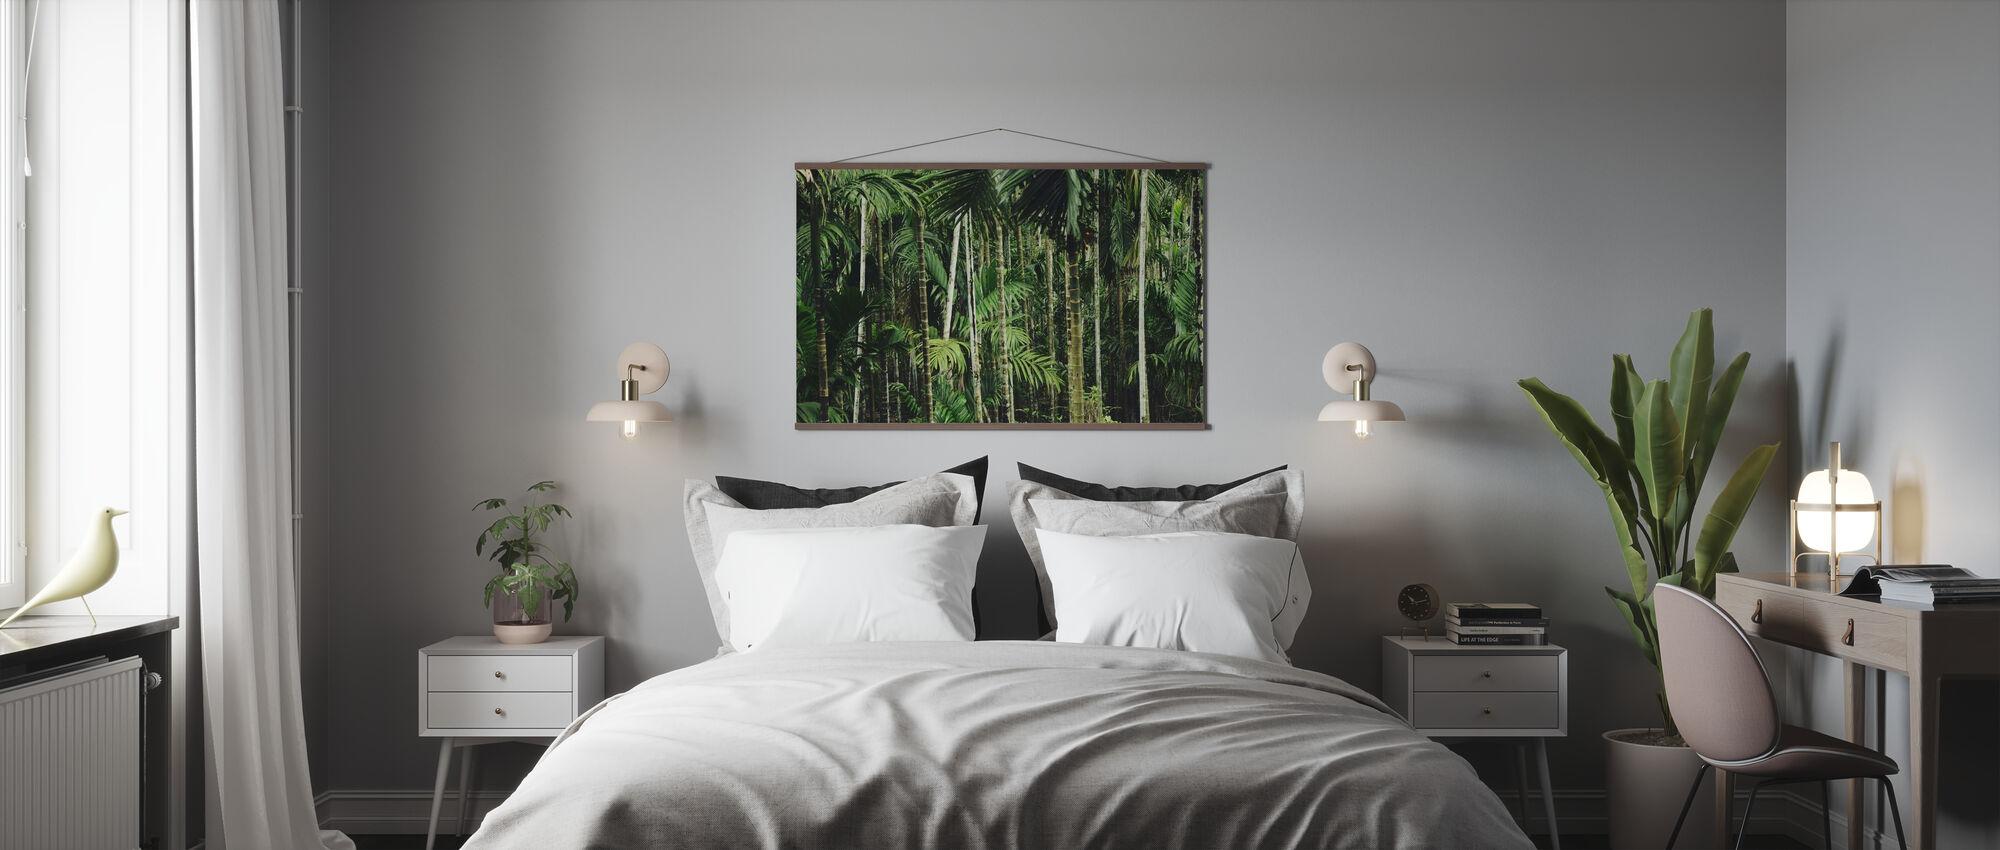 Bambus kratt - Plakat - Soverom